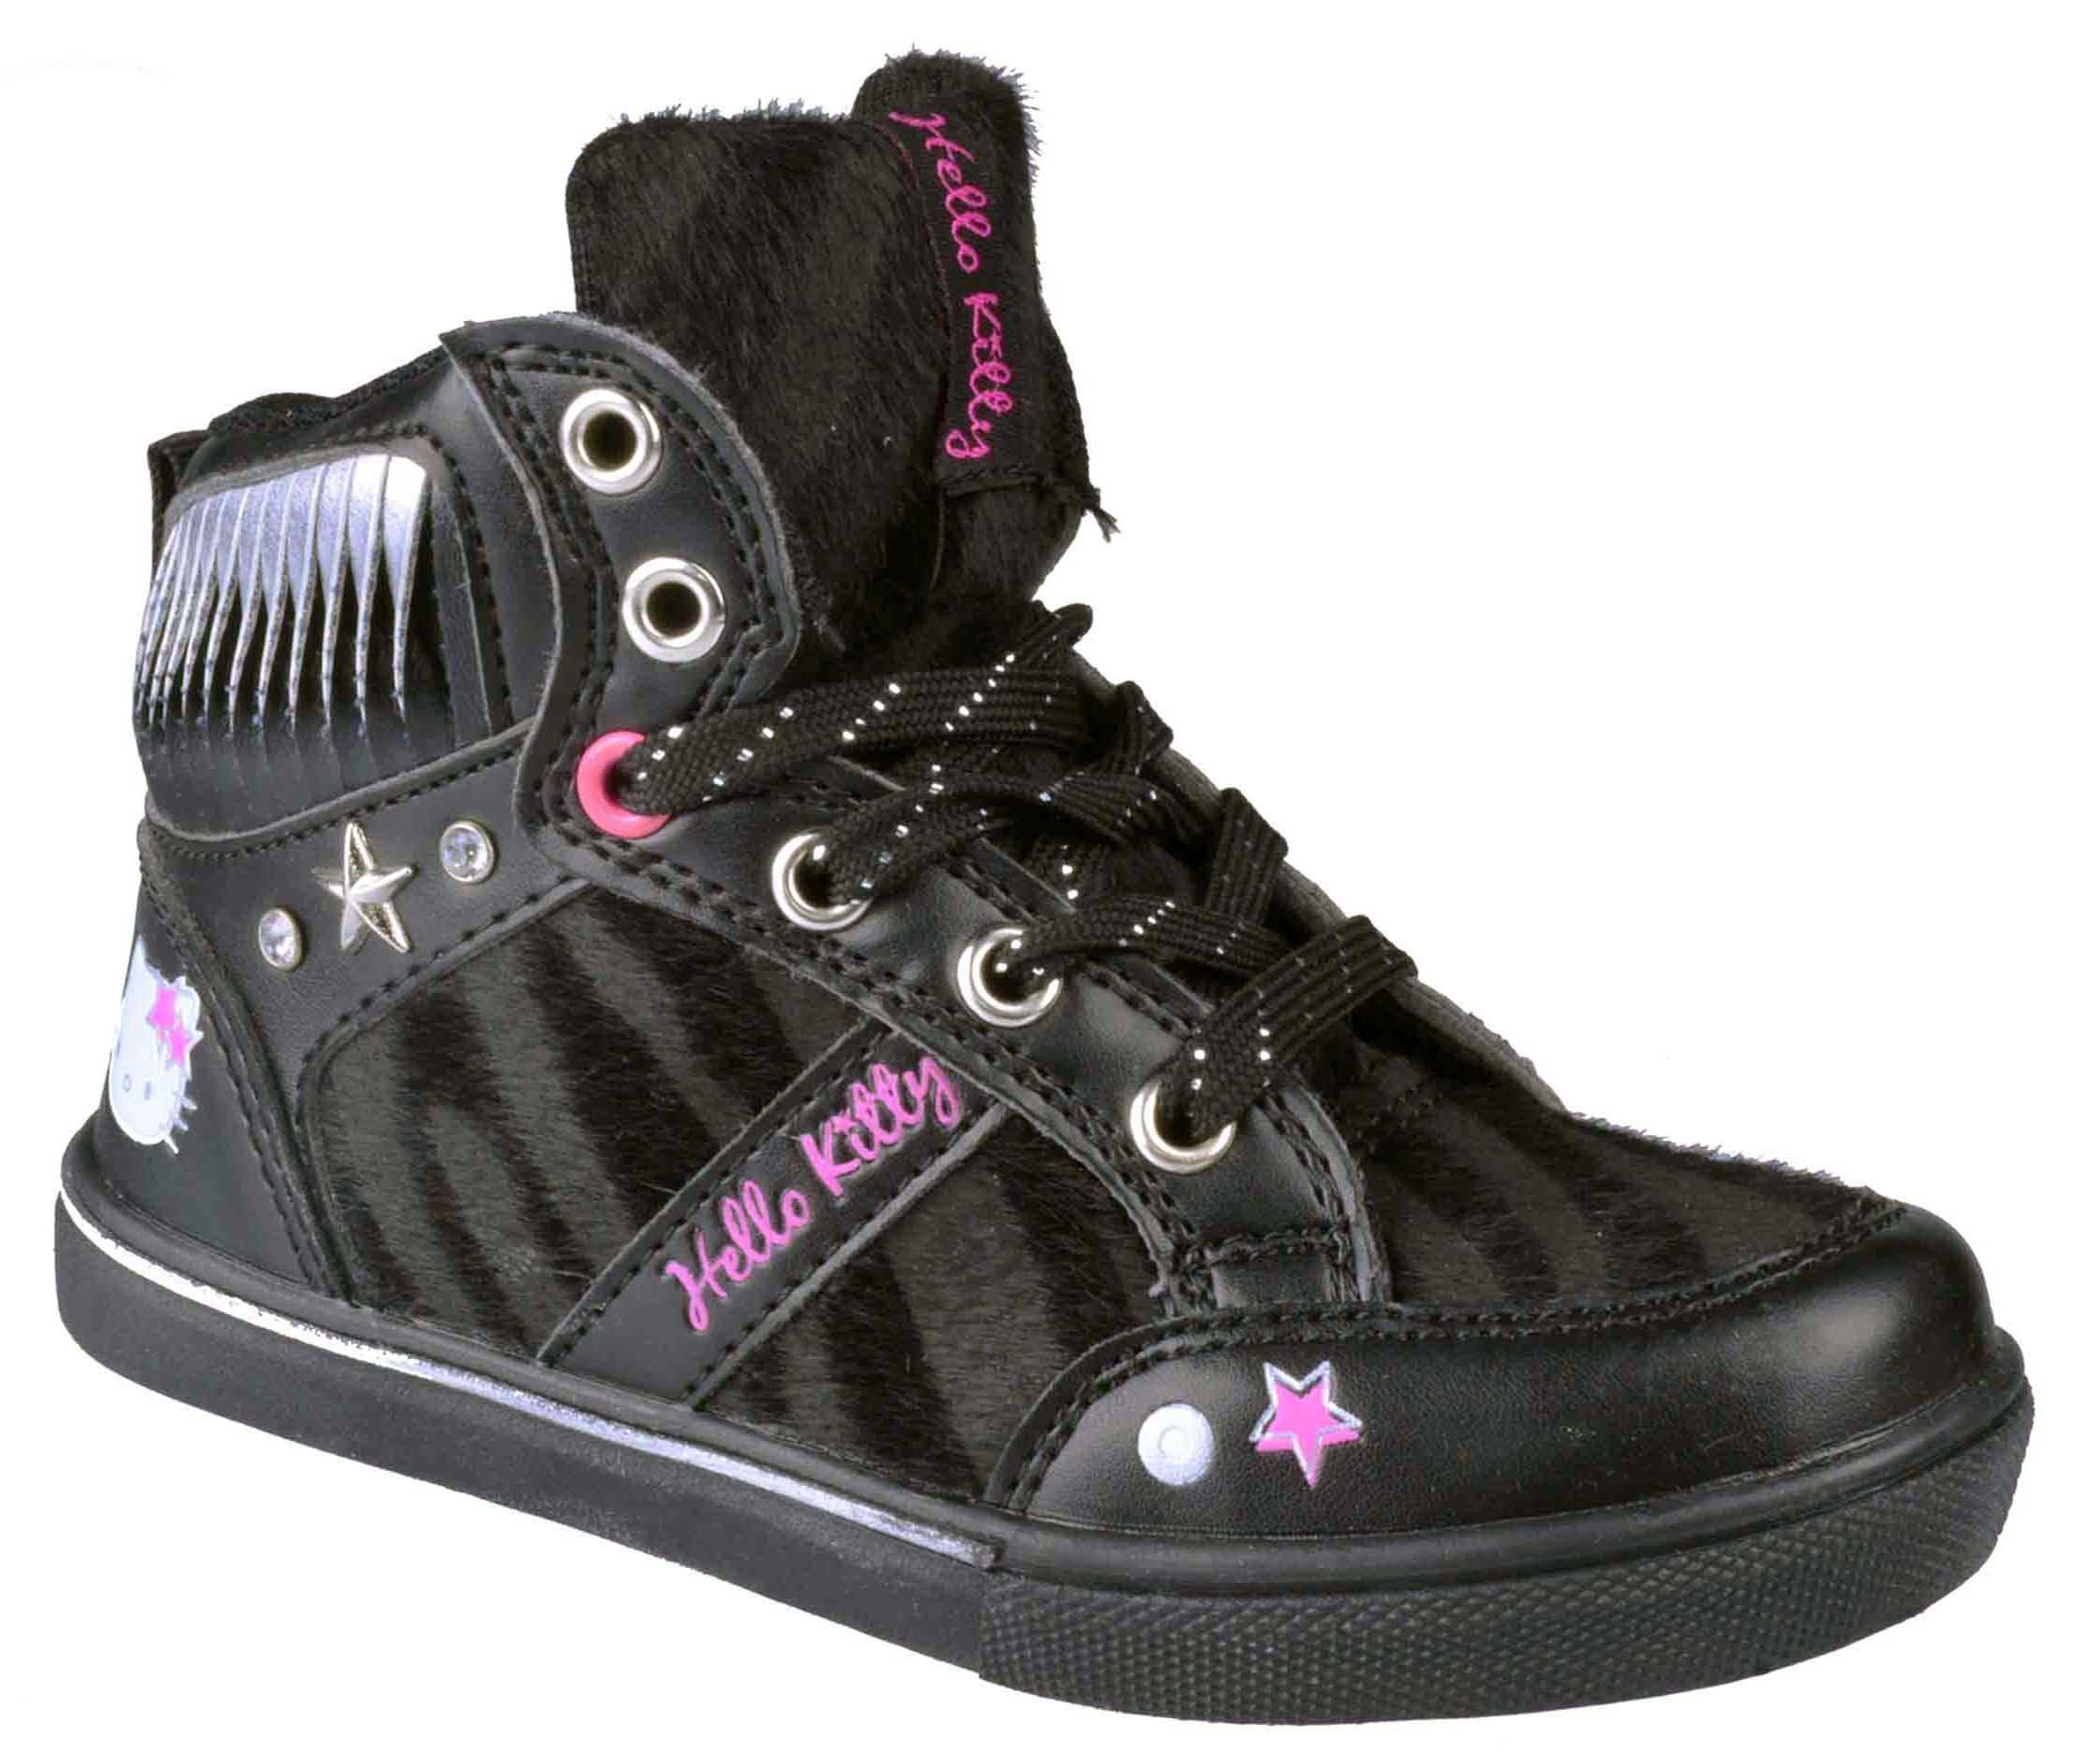 93136c0df5e Hello Kitty 444231 Μαυρο | Apostolidis Shoes